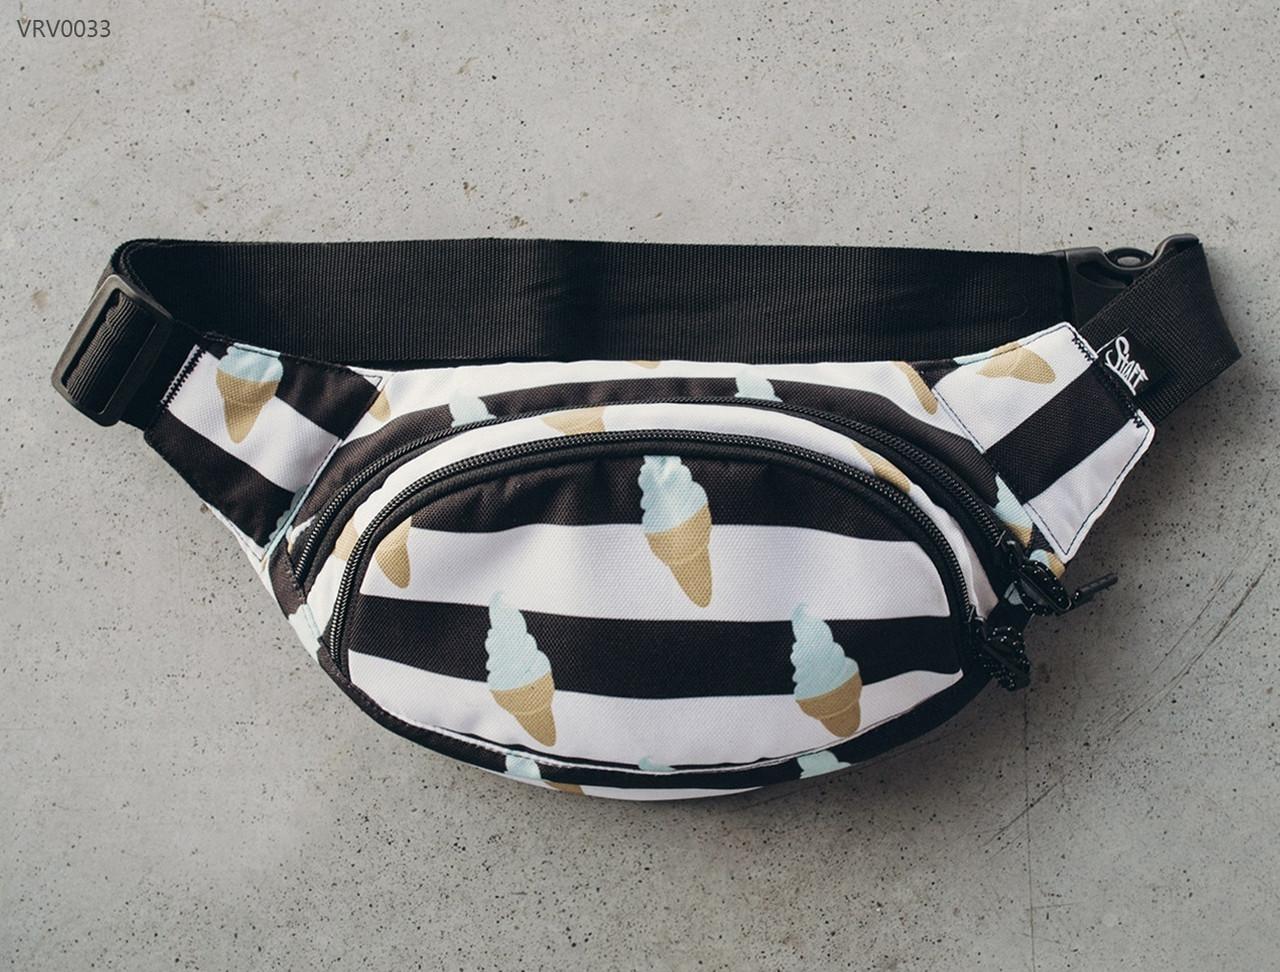 ab68e24ee2bf Поясная сумка (бананка) Staff - Ice Art. VRV0033: заказ, цены в ...